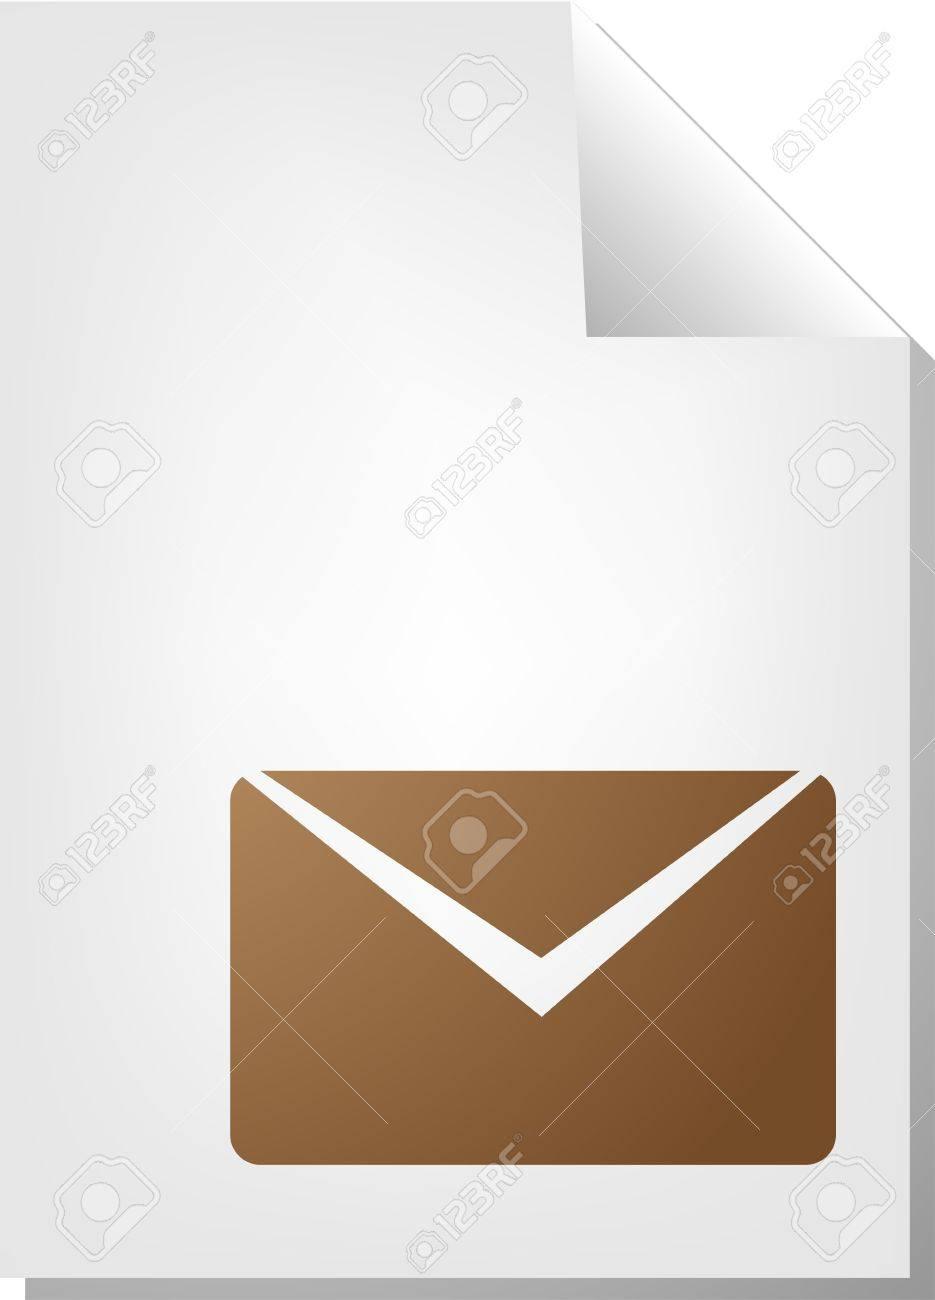 Letter Envelope Document File Type Illustration Clipart Stock Photo